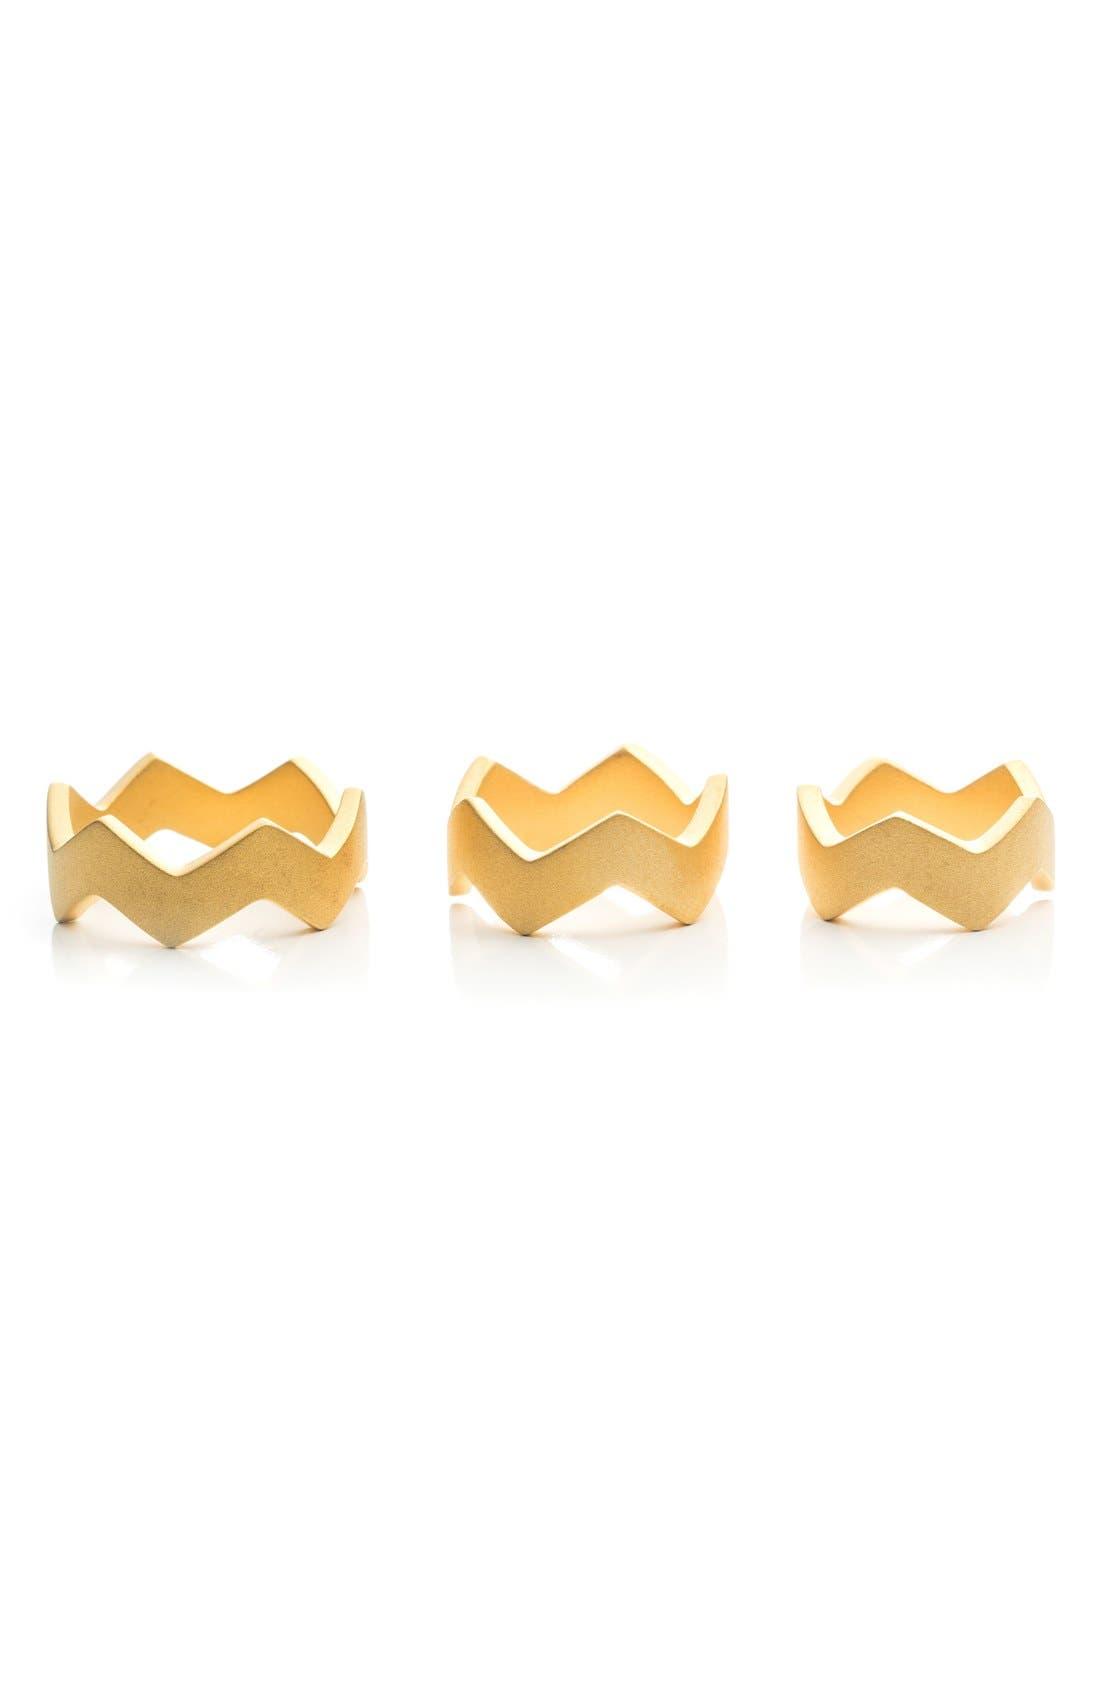 Main Image - Eddie Borgo Zigzag Stack Ring (Set of 3)